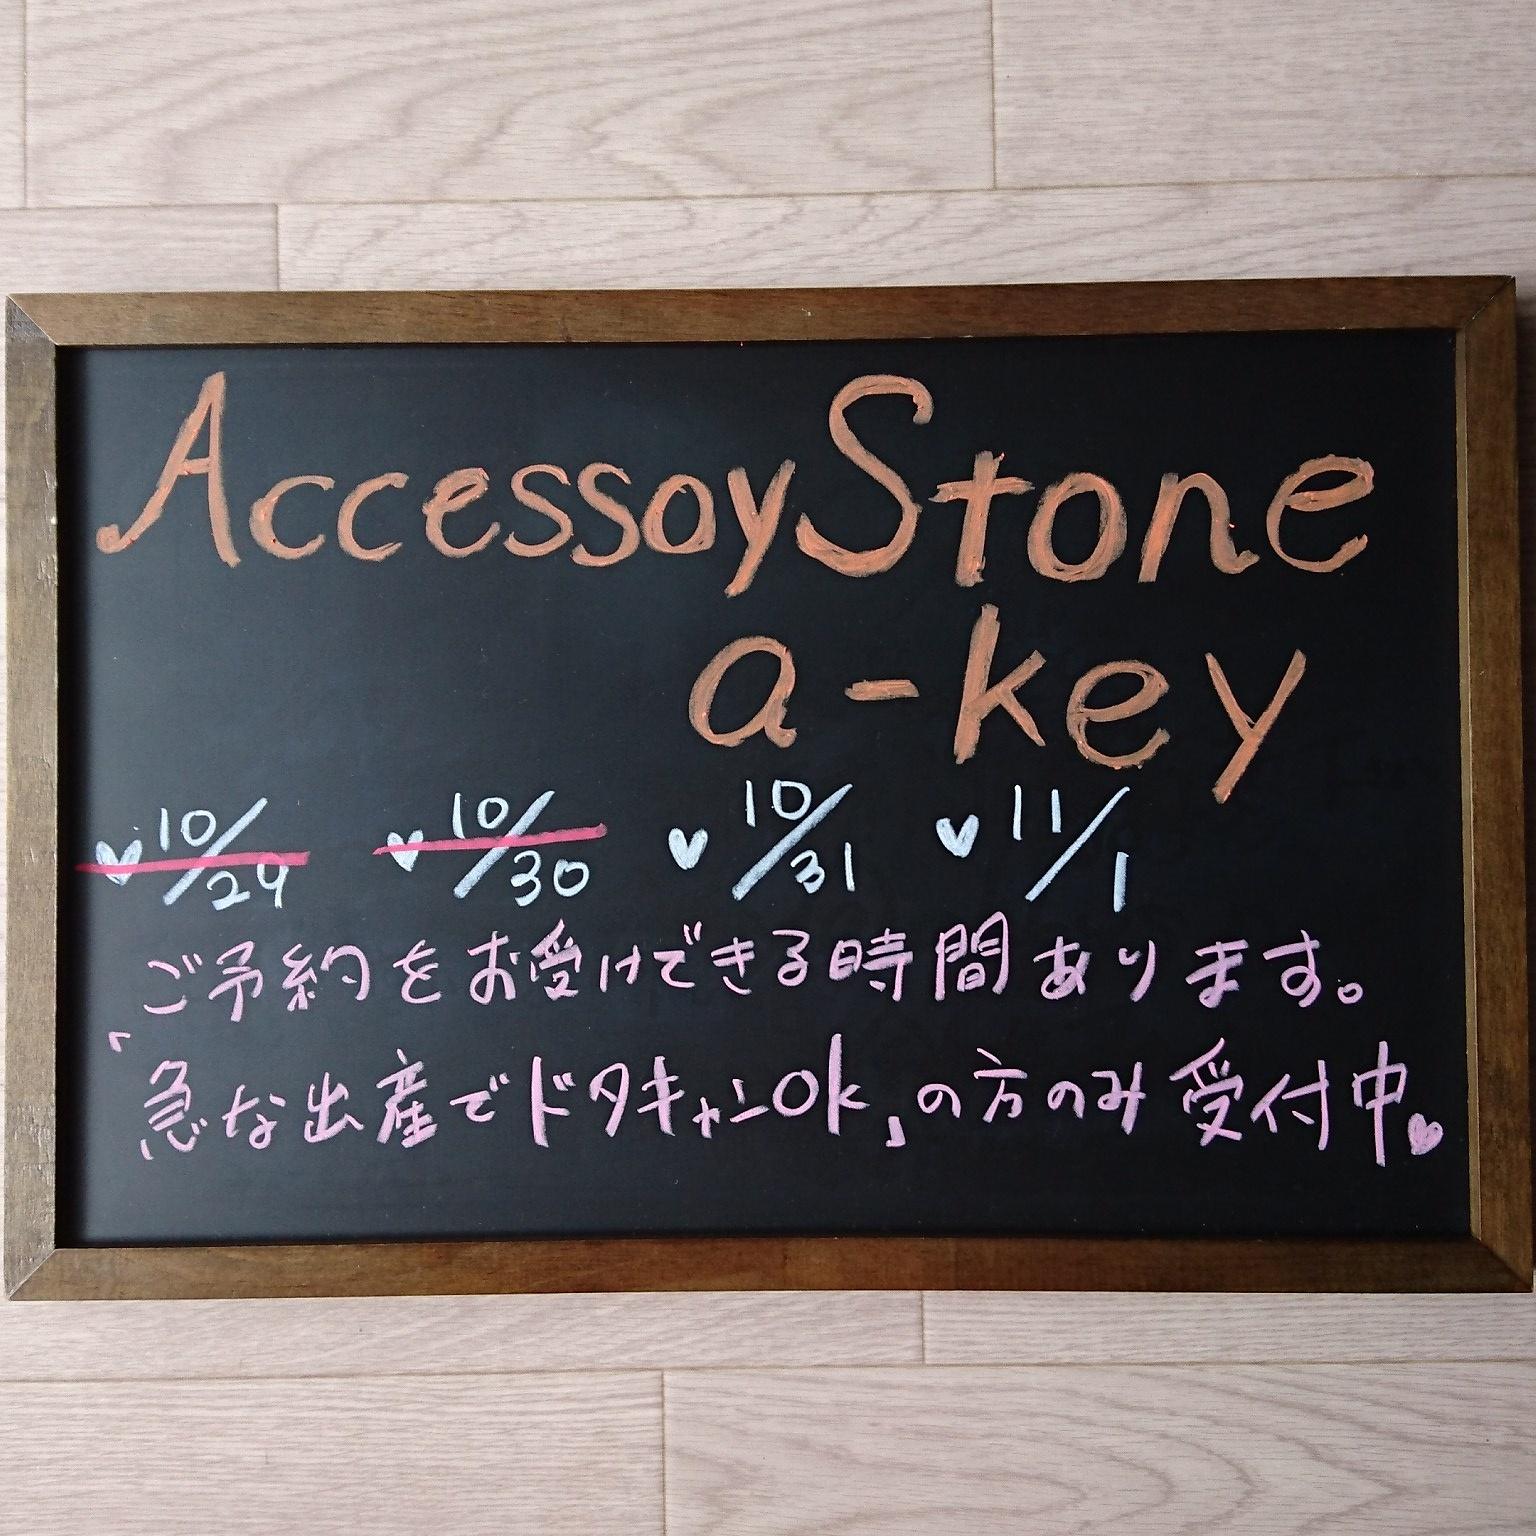 a-keyサロン空き状況